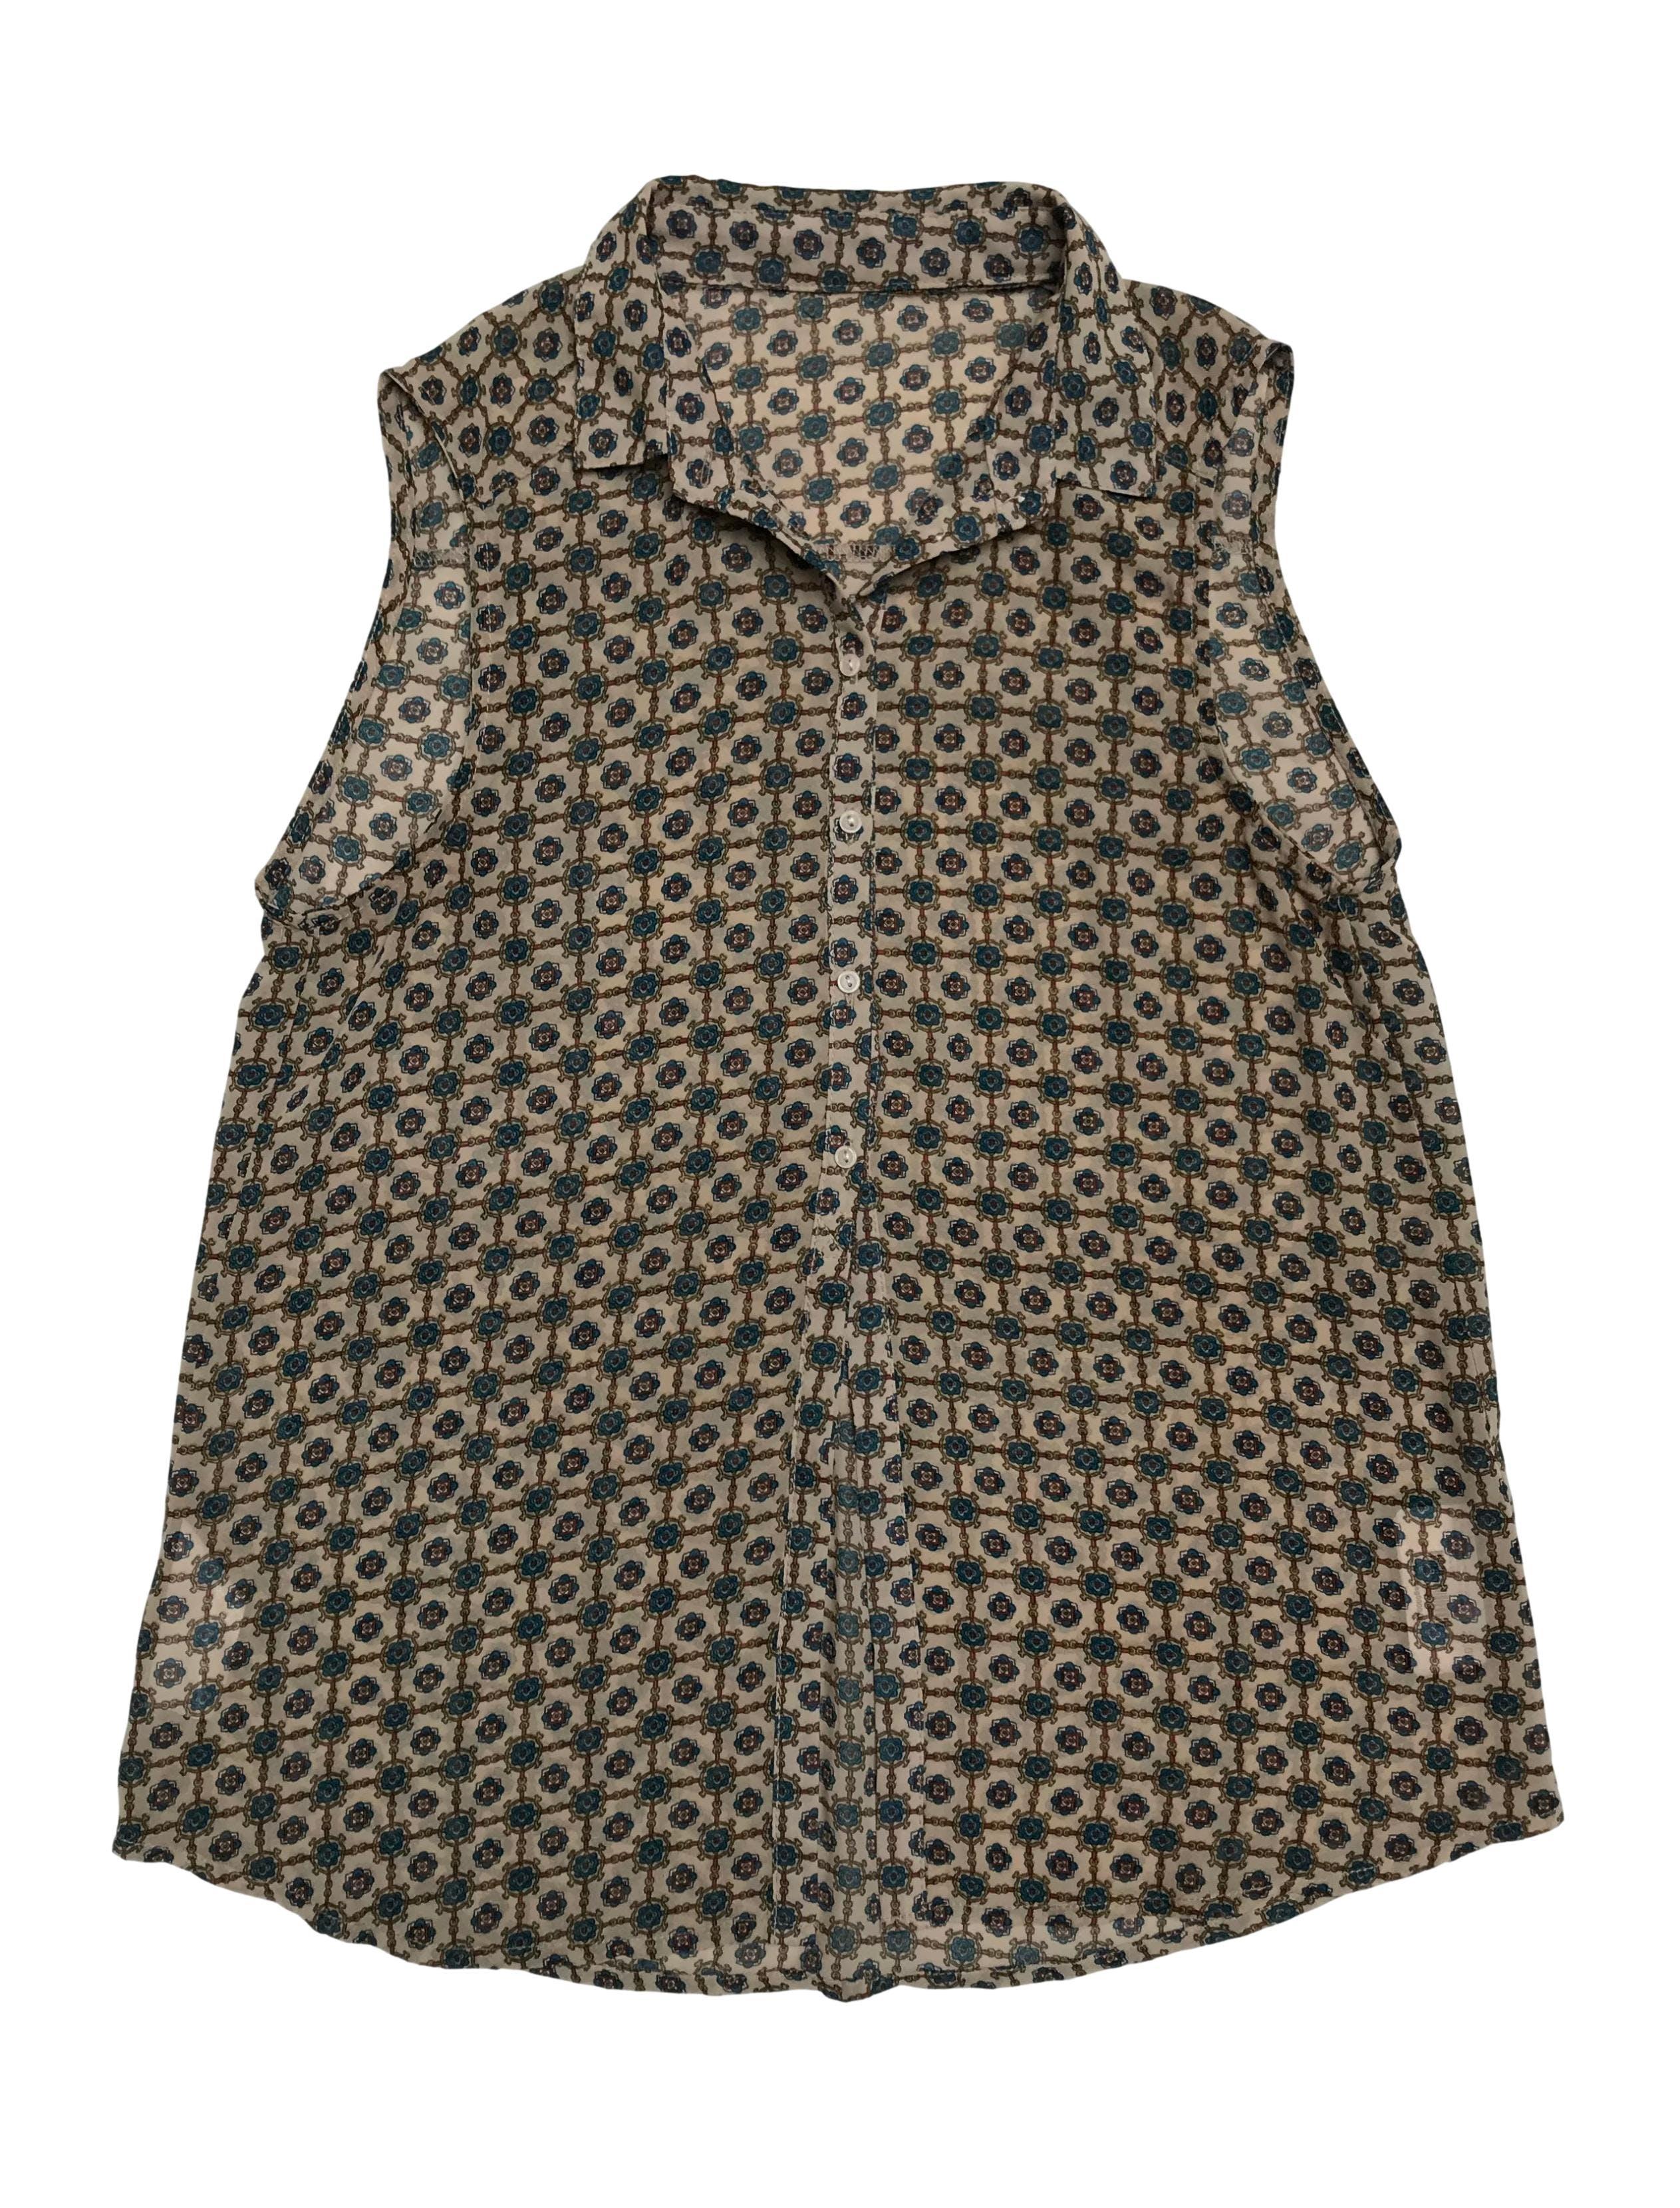 Blusa de gasa beige con print barroco, botones hasta la cintura